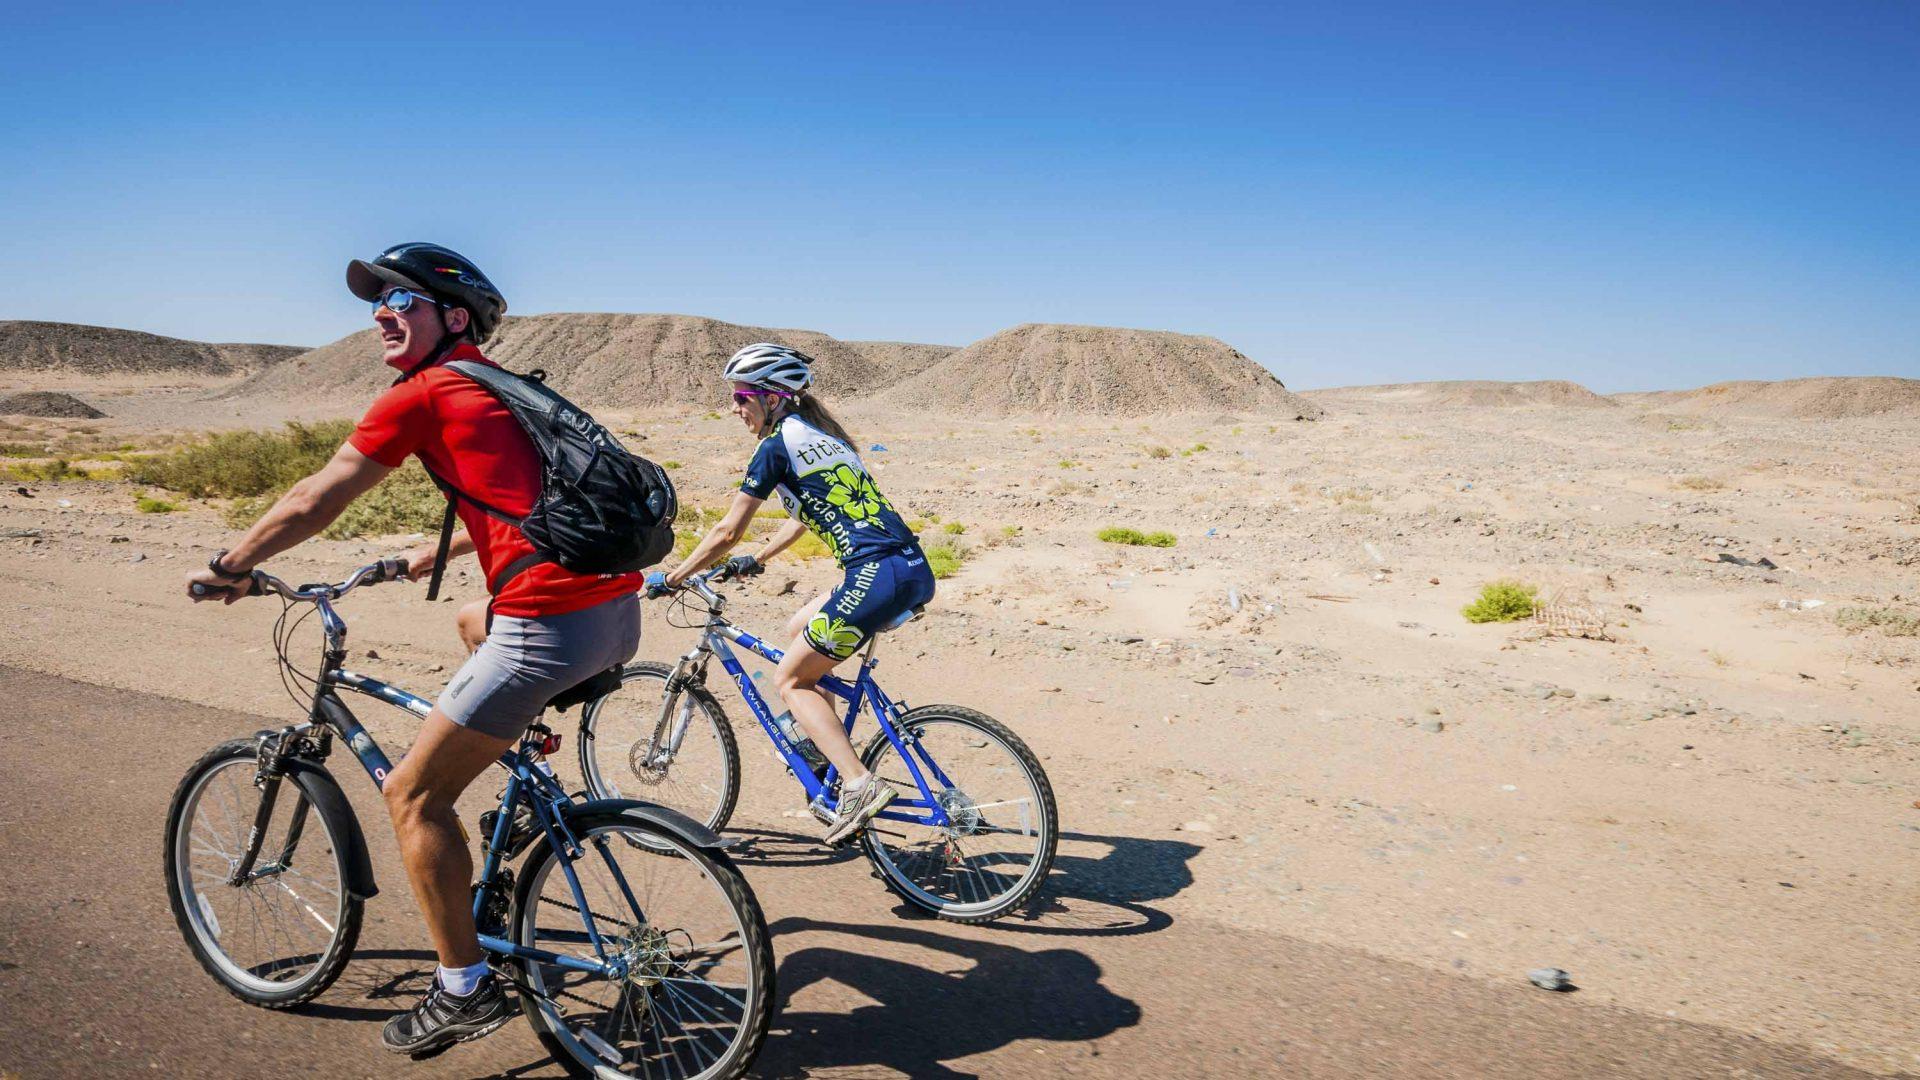 Biking through Egypt.